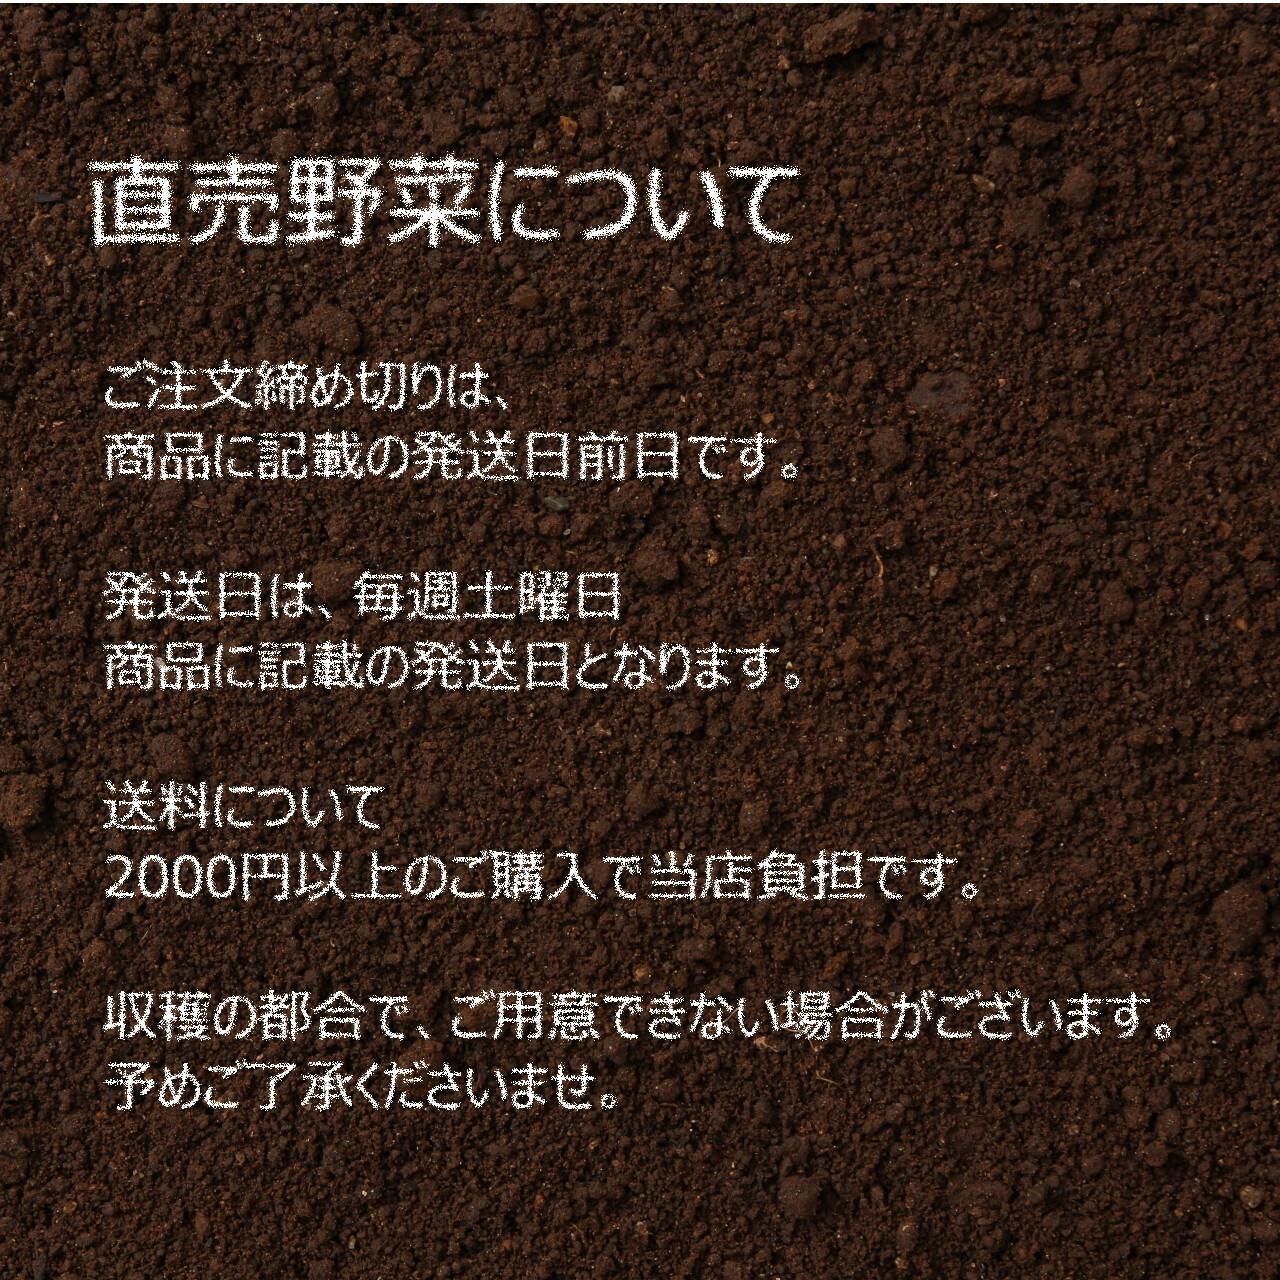 8月の朝採り直売野菜 : インゲン 約150g  8月の新鮮野菜 8月10日発送予定